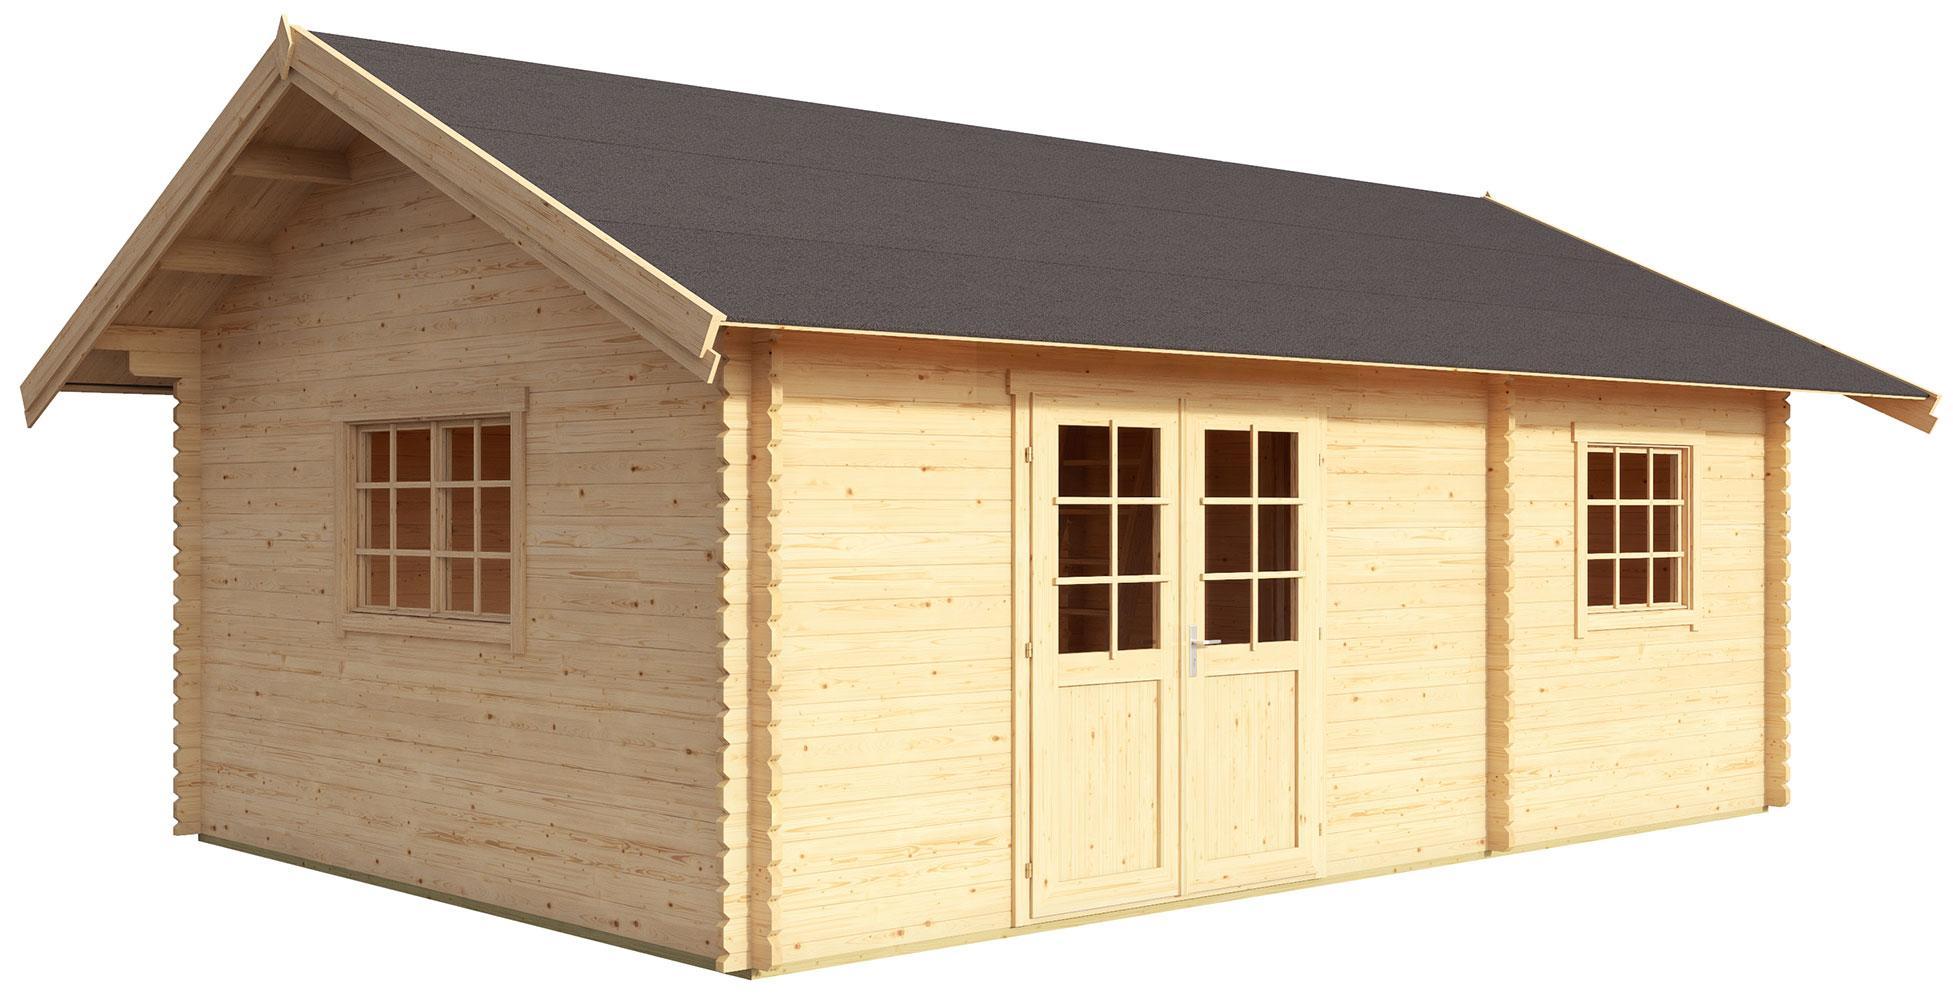 Gartenhaus Mit Schlafboden Selber Bauen